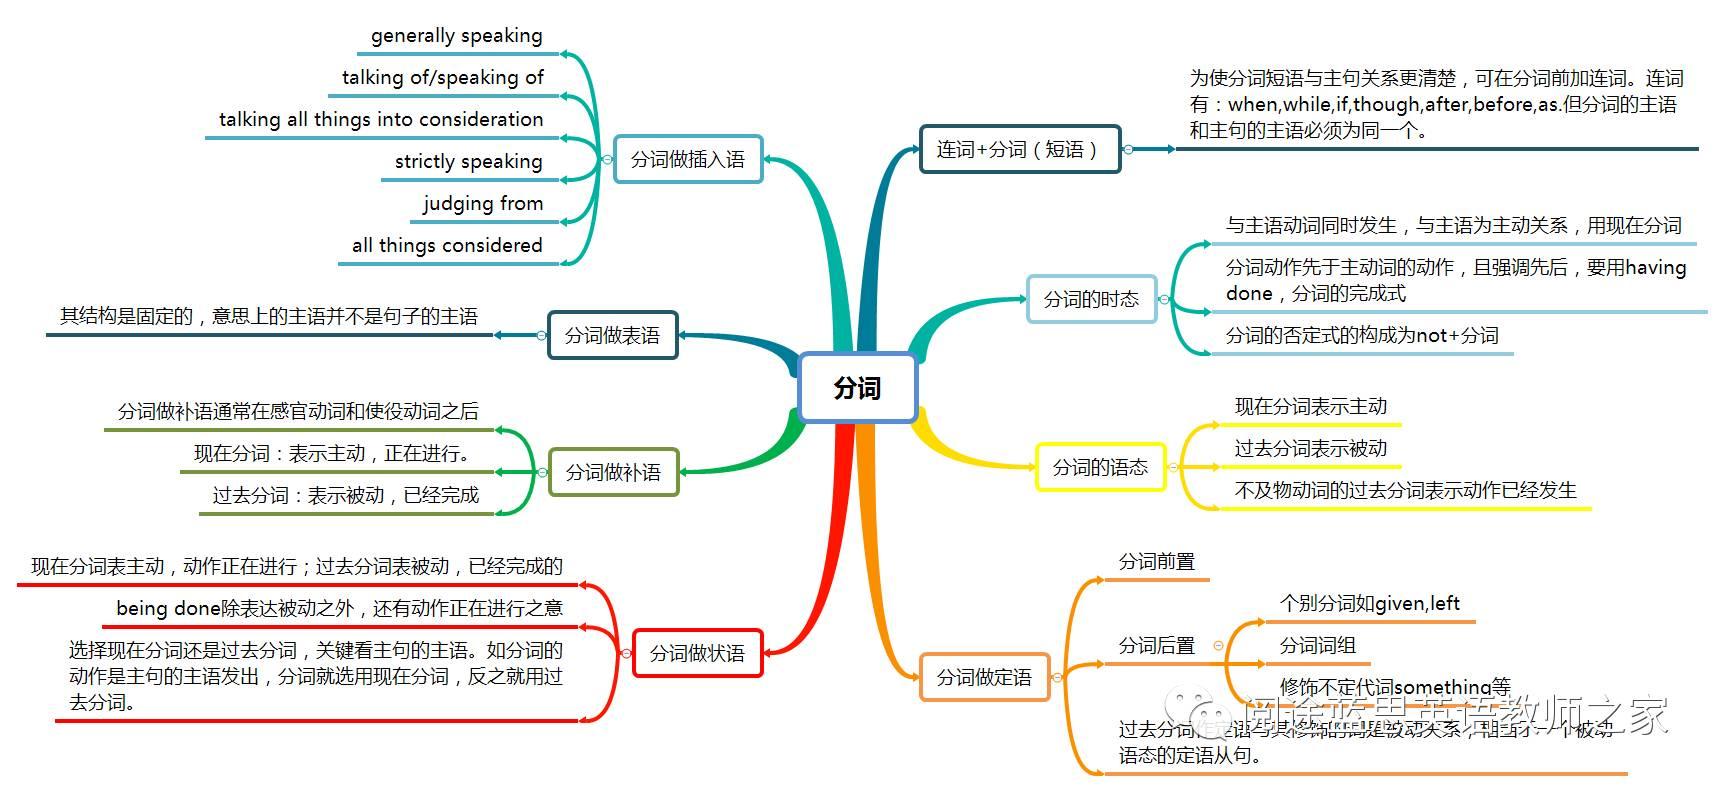 16张思维导图详解初中语法要点(建议收藏)图片